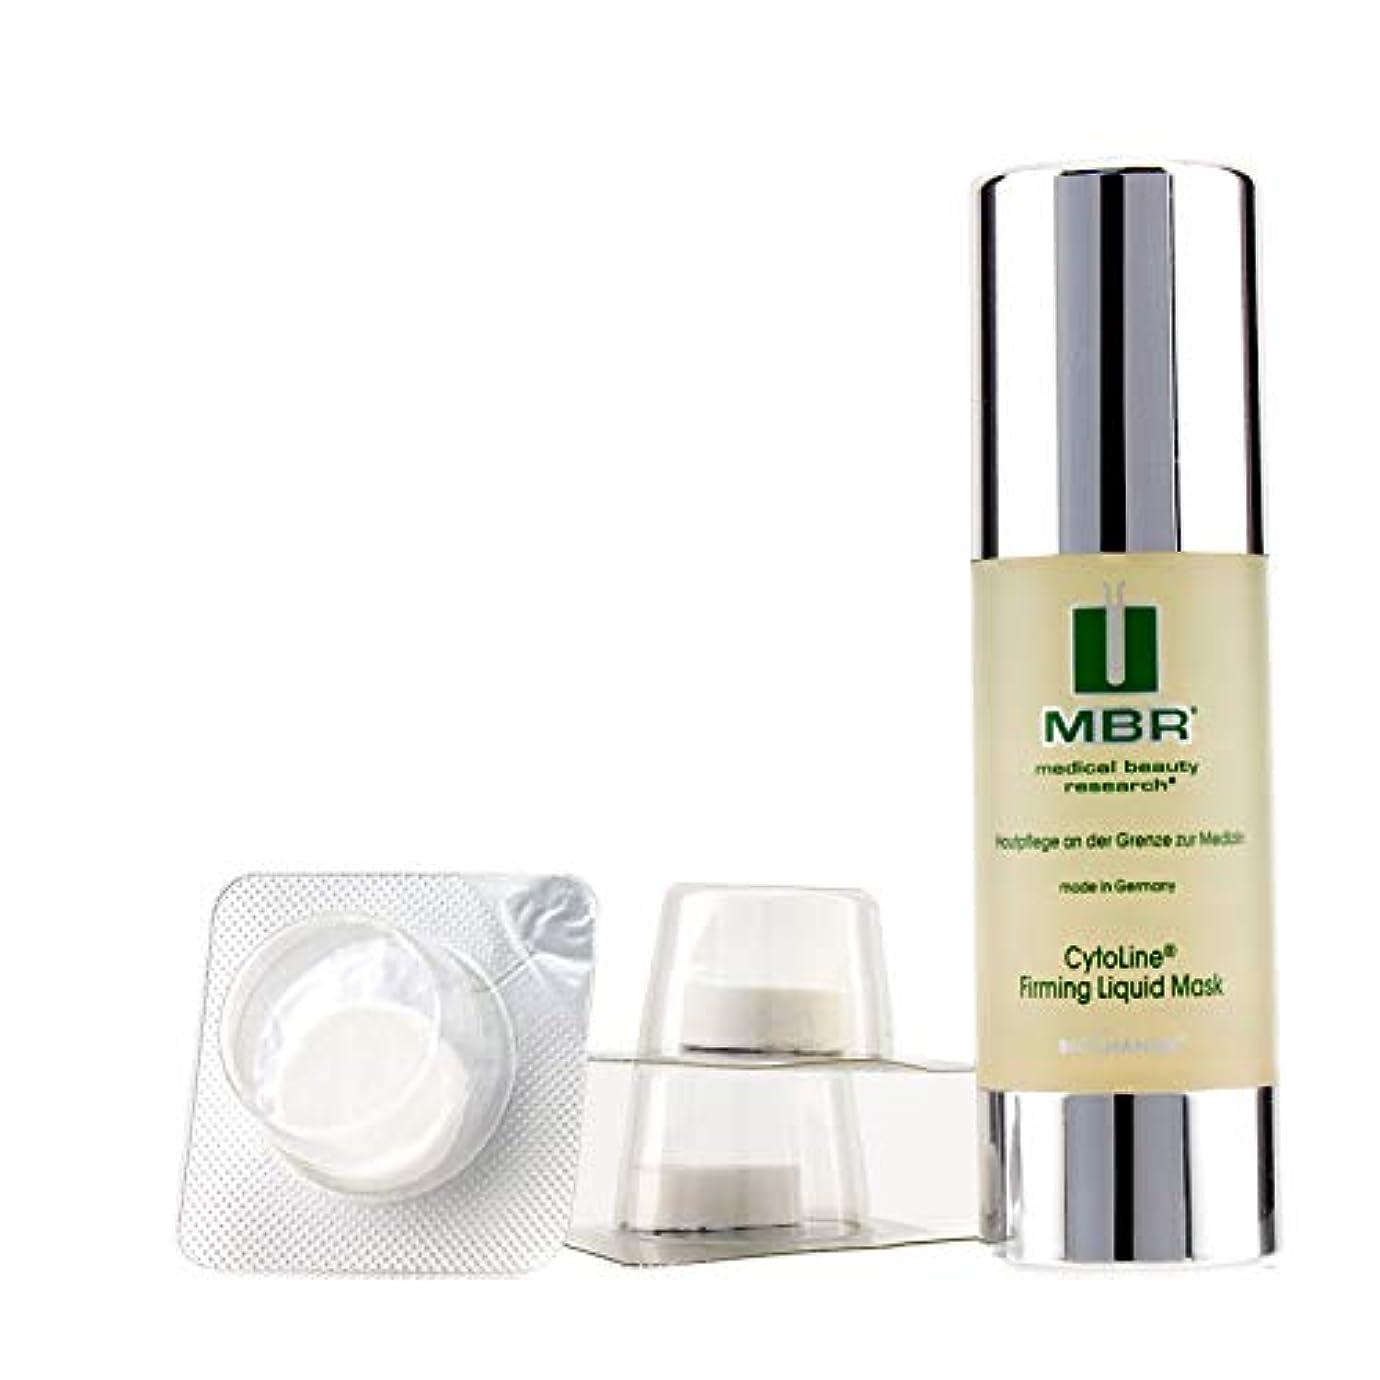 瞑想するシーケンス検証MBR Medical Beauty Research BioChange CytoLine Firming Liquid Mask 6applications並行輸入品